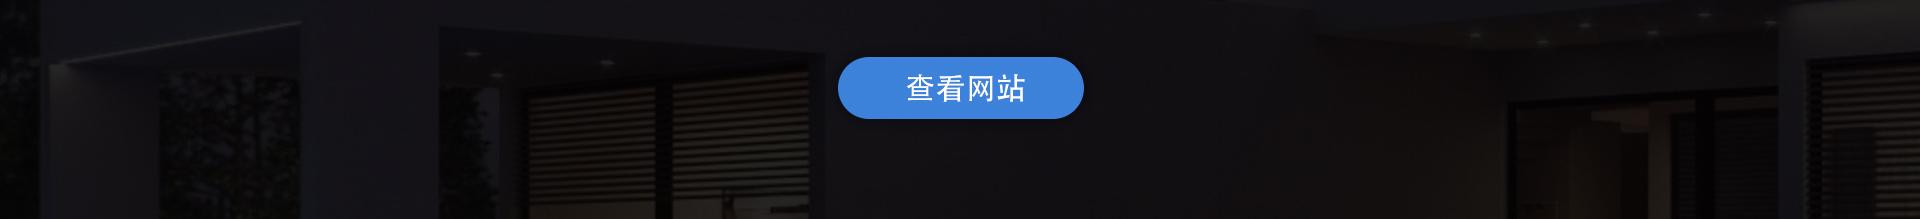 沈萌-云企案例沈萌-三苏旅游_02